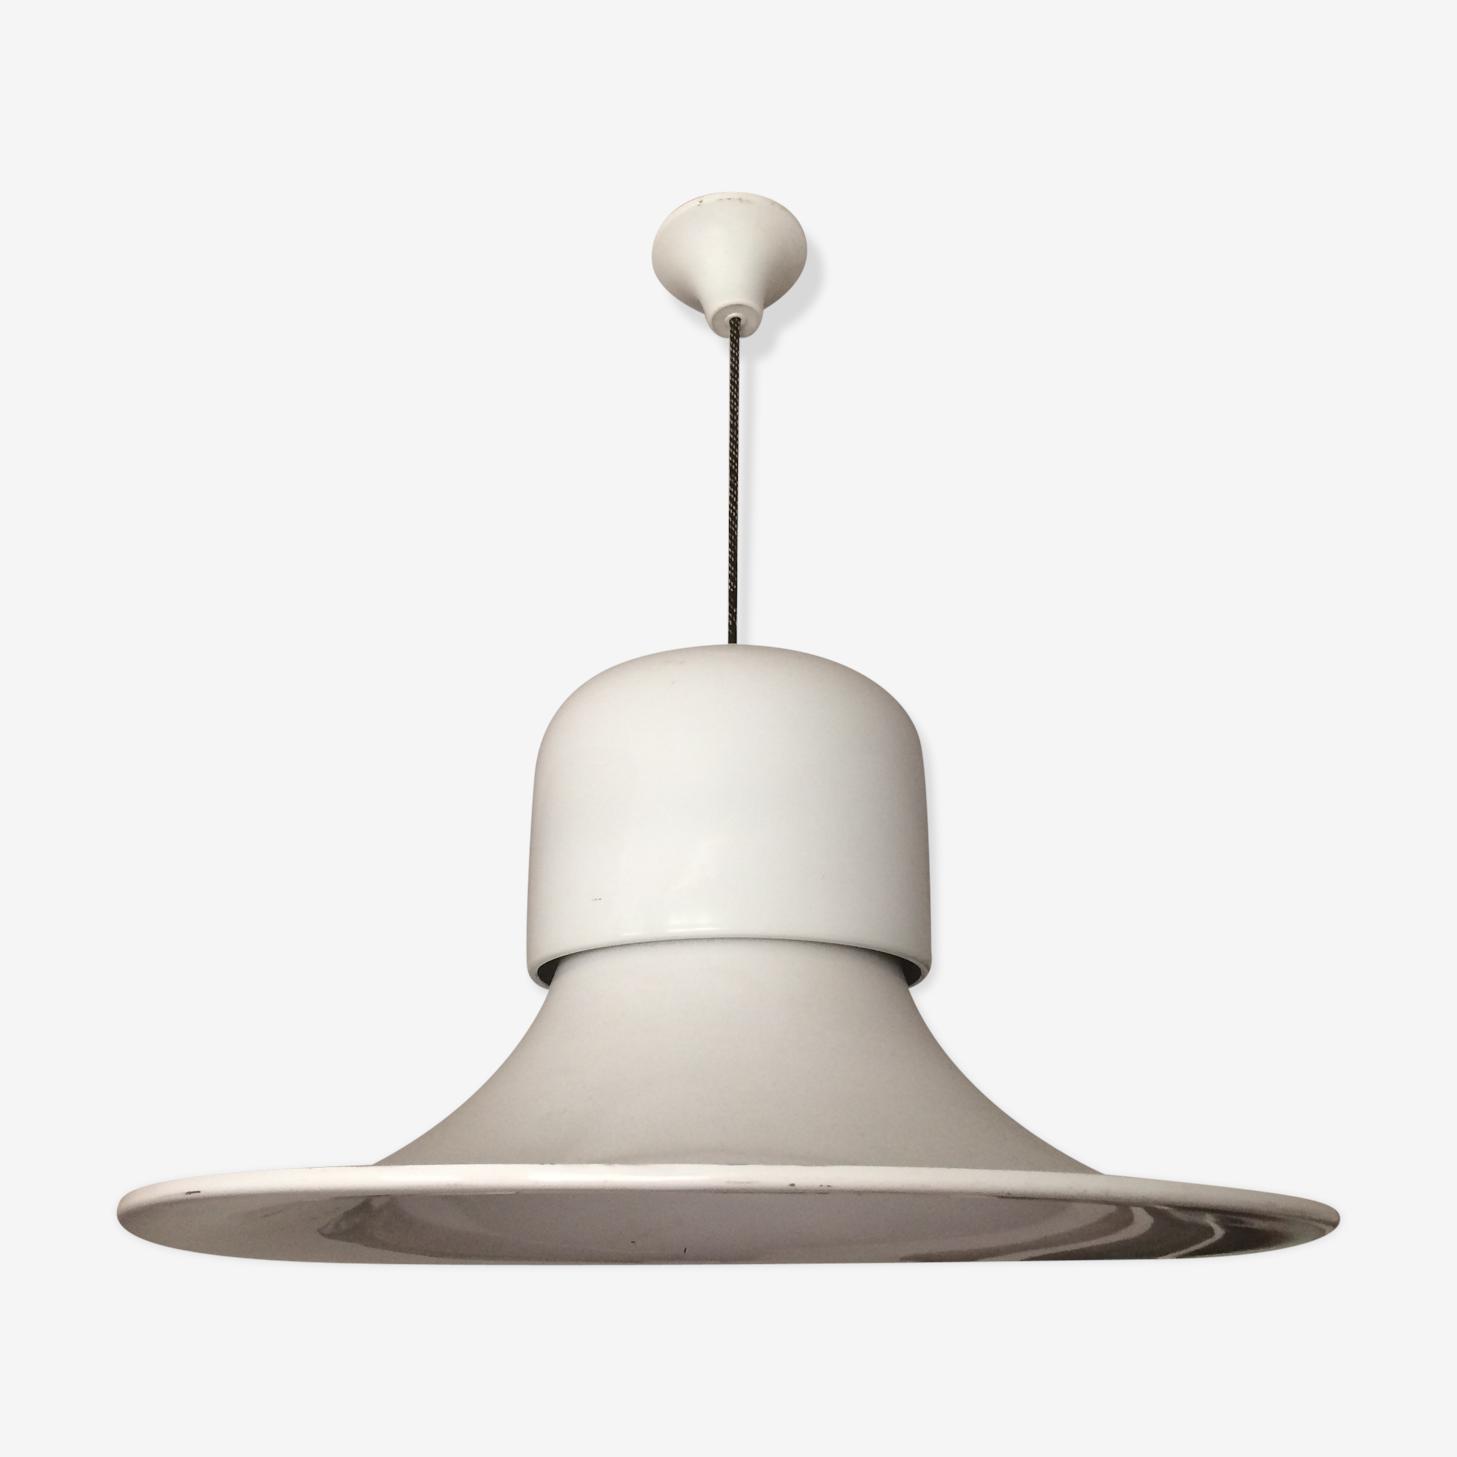 Hanging lamp model hat Stilnovo Joe Colombo